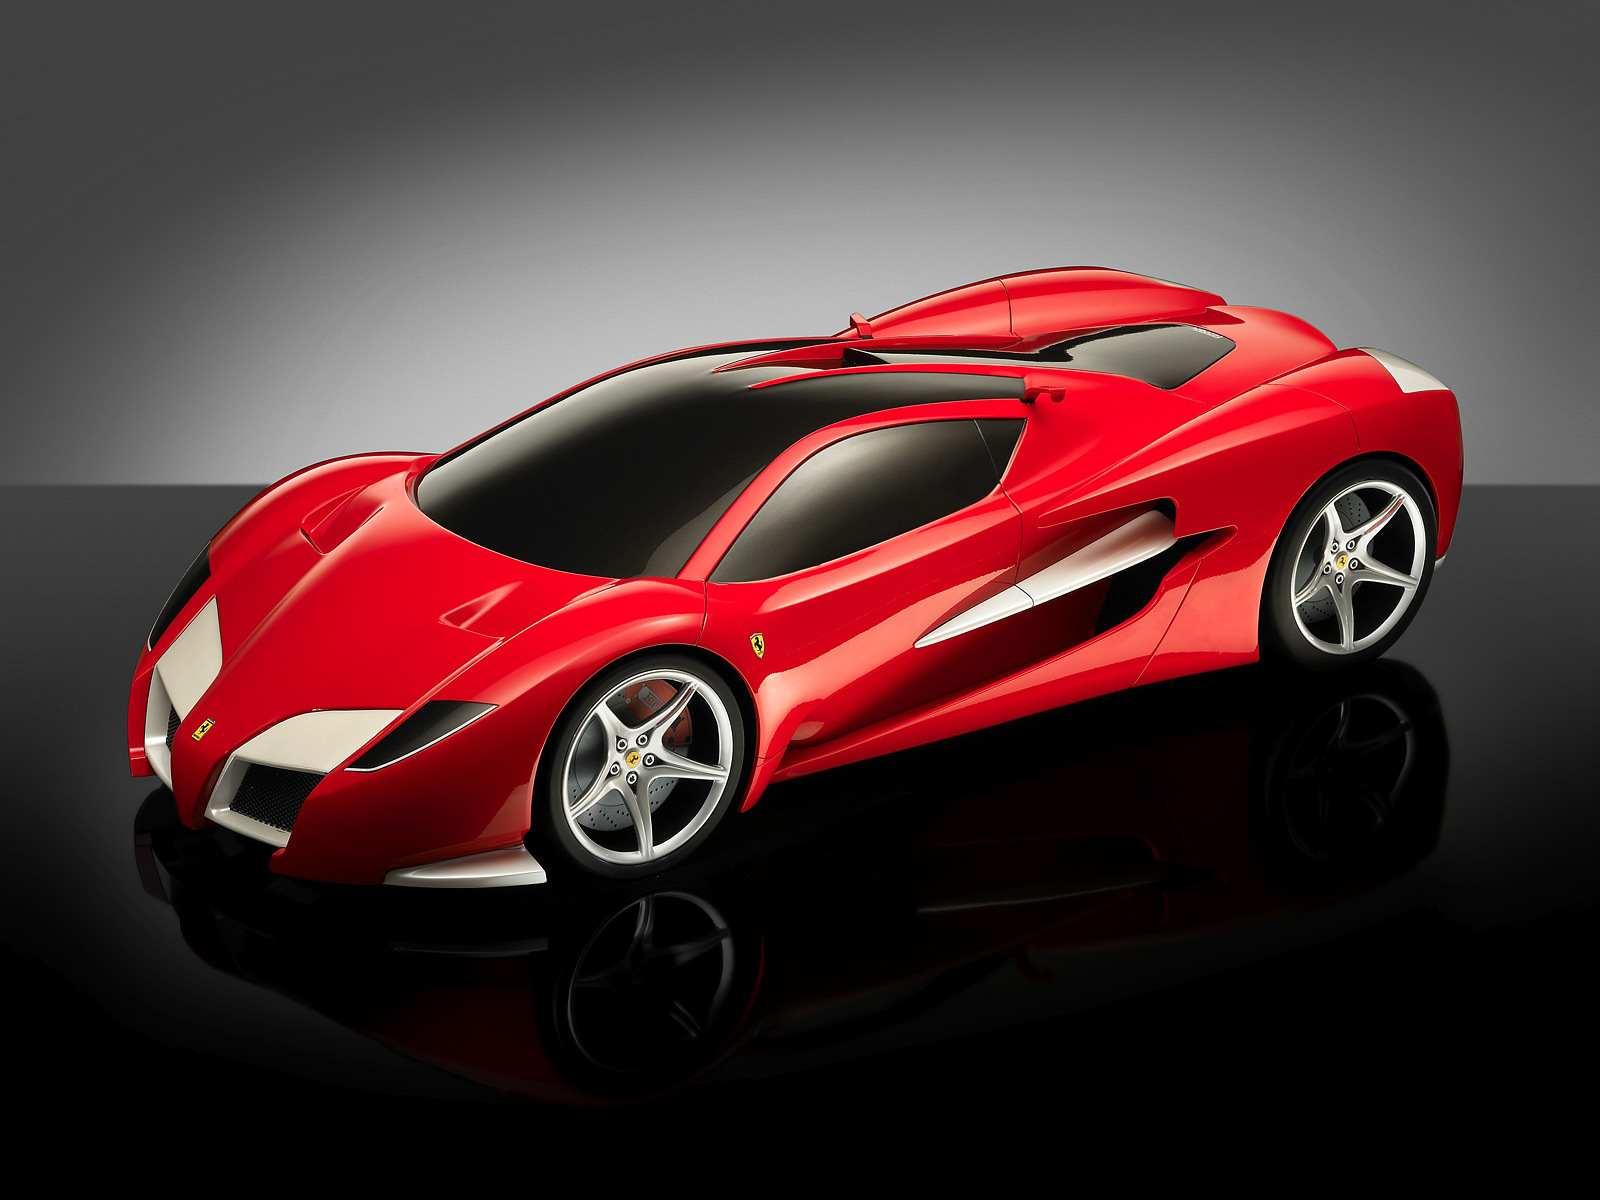 ferrari_concept_car_4